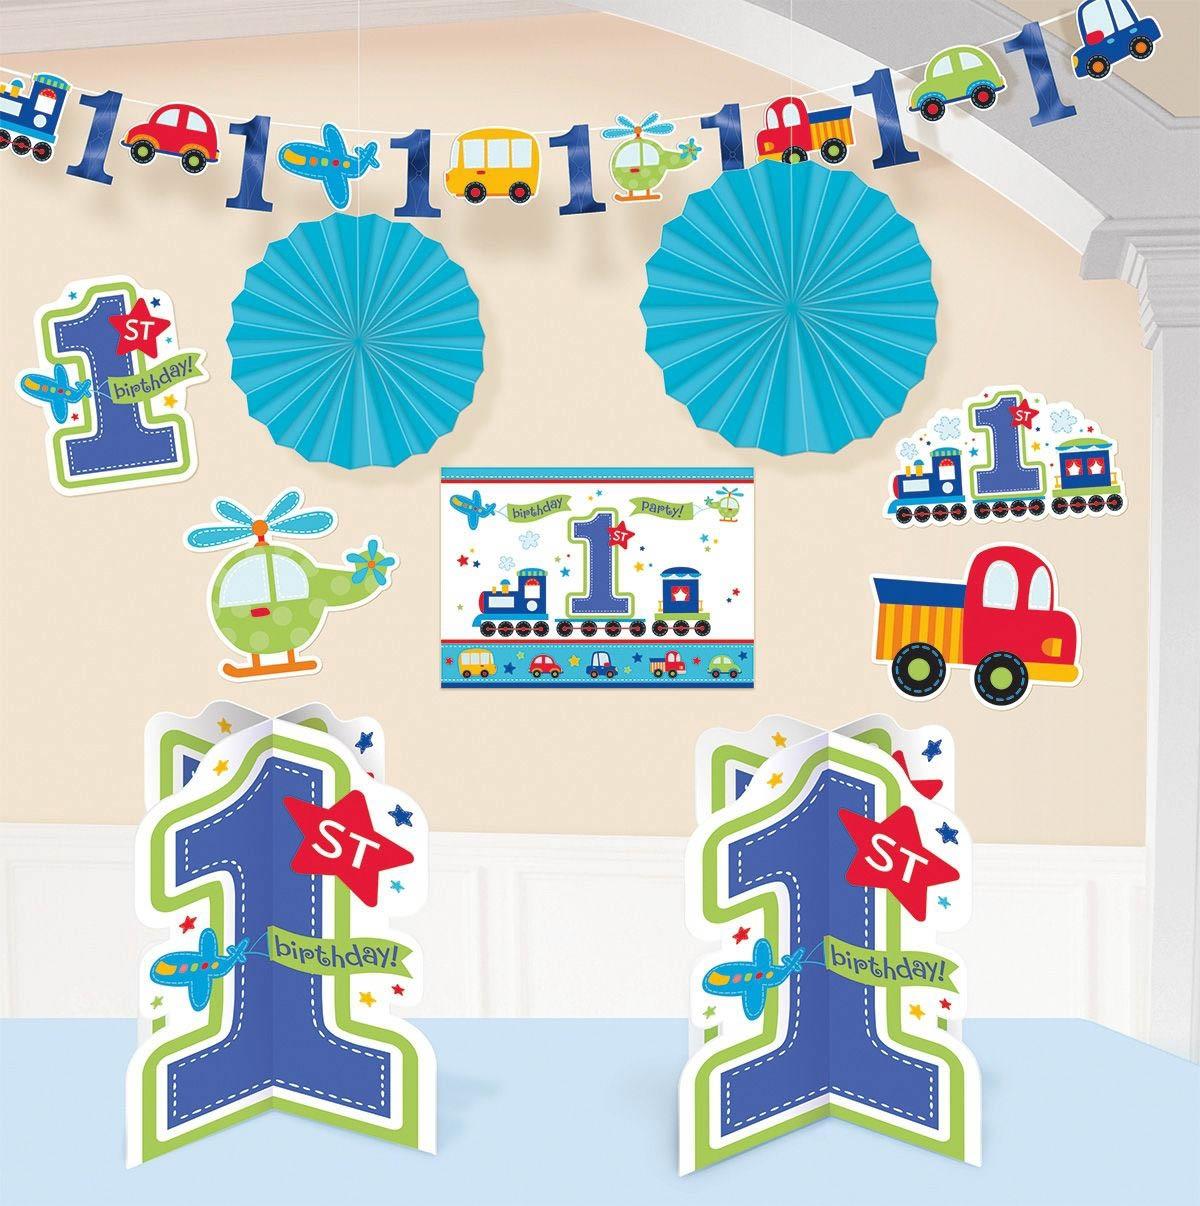 Alle An Bord 1 Geburtstag Deko Set 10 Tlg Fur Jungen 1